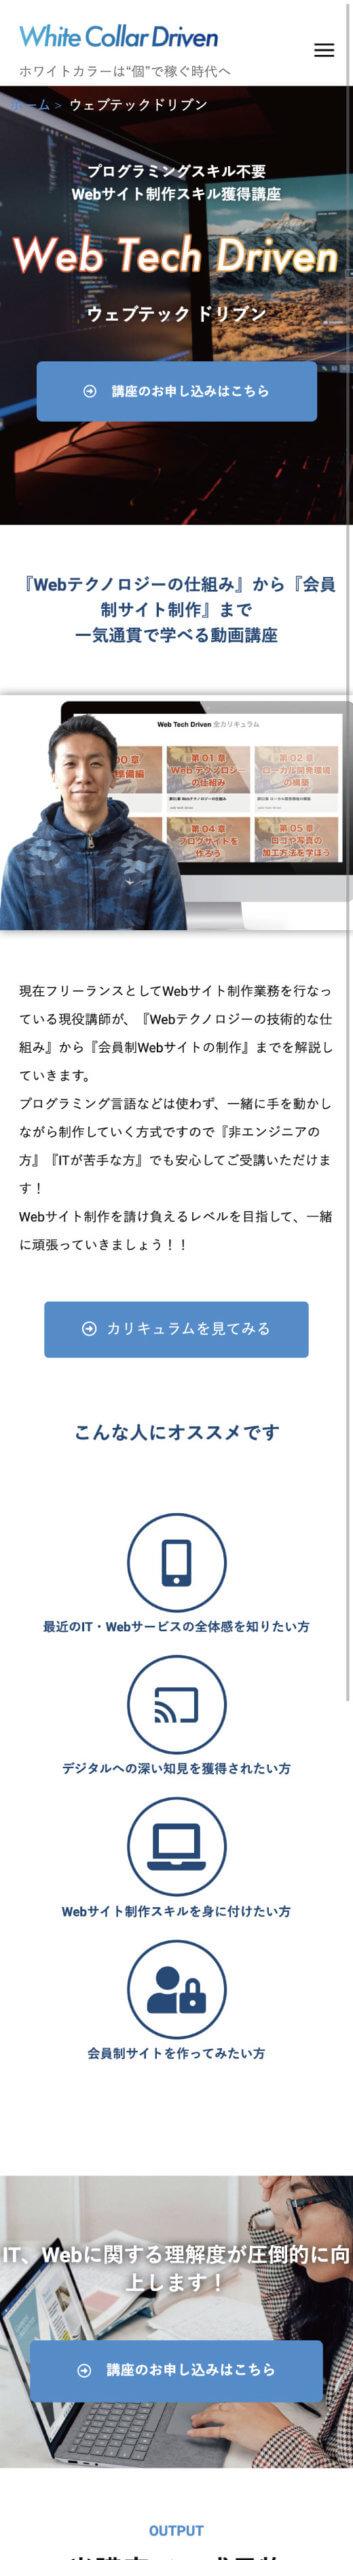 ウェブテックドリブンホームページ、スマホ版